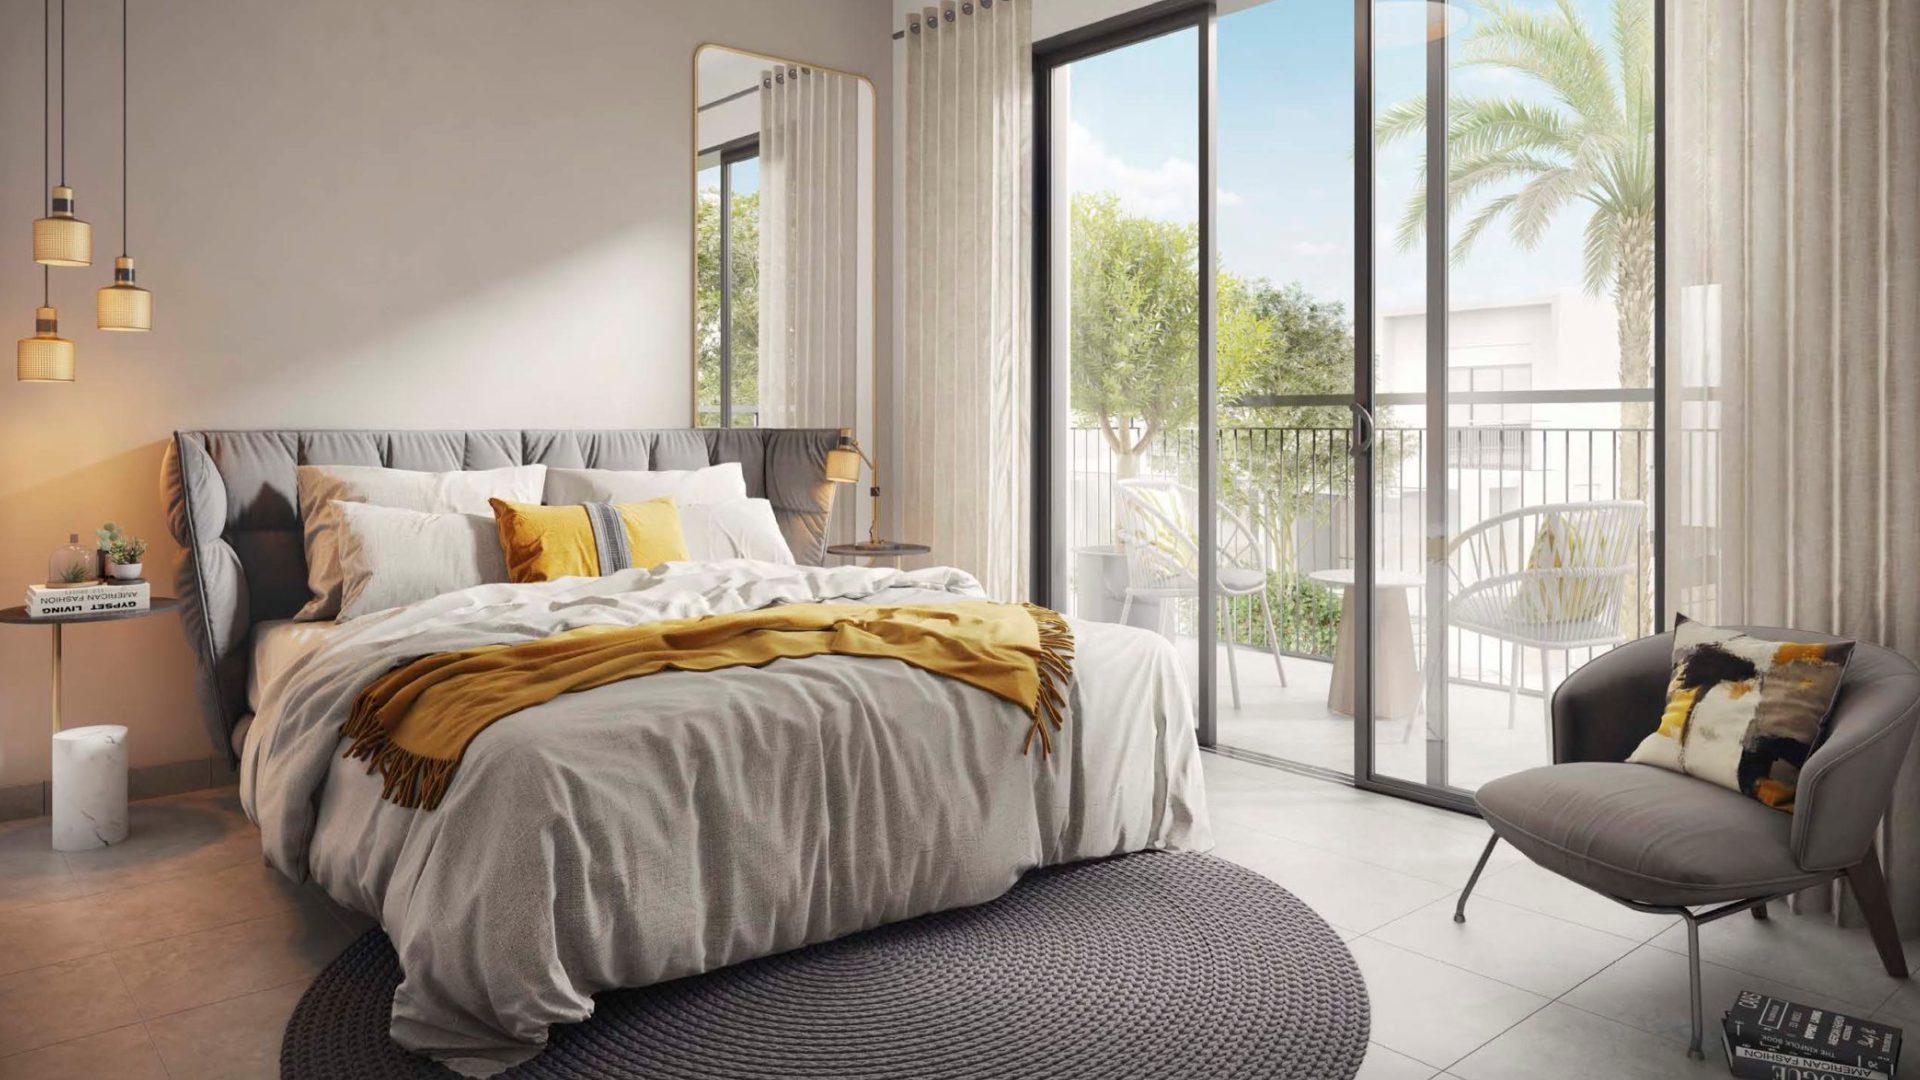 Villa en venta en Dubai, EAU, 3 dormitorios, 193 m2, № 24247 – foto 6